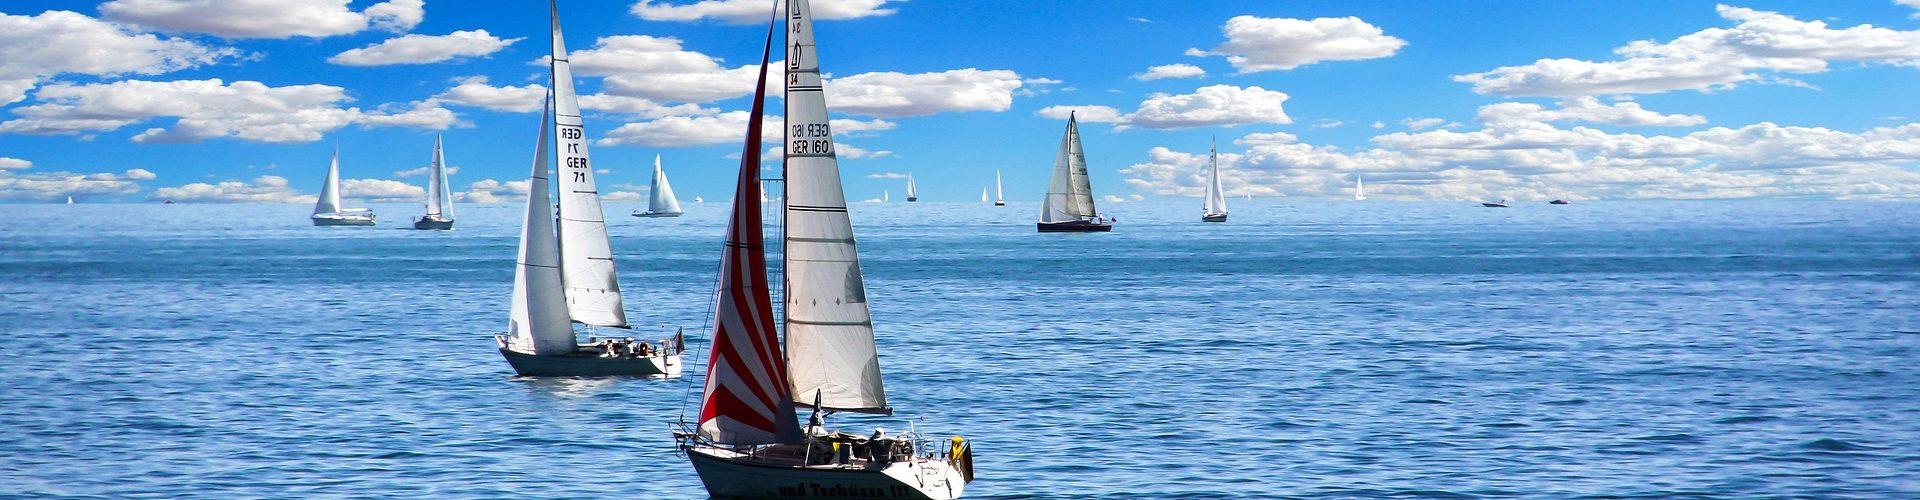 segeln lernen in Quickborn segelschein machen in Quickborn 1920x500 - Segeln lernen in Quickborn